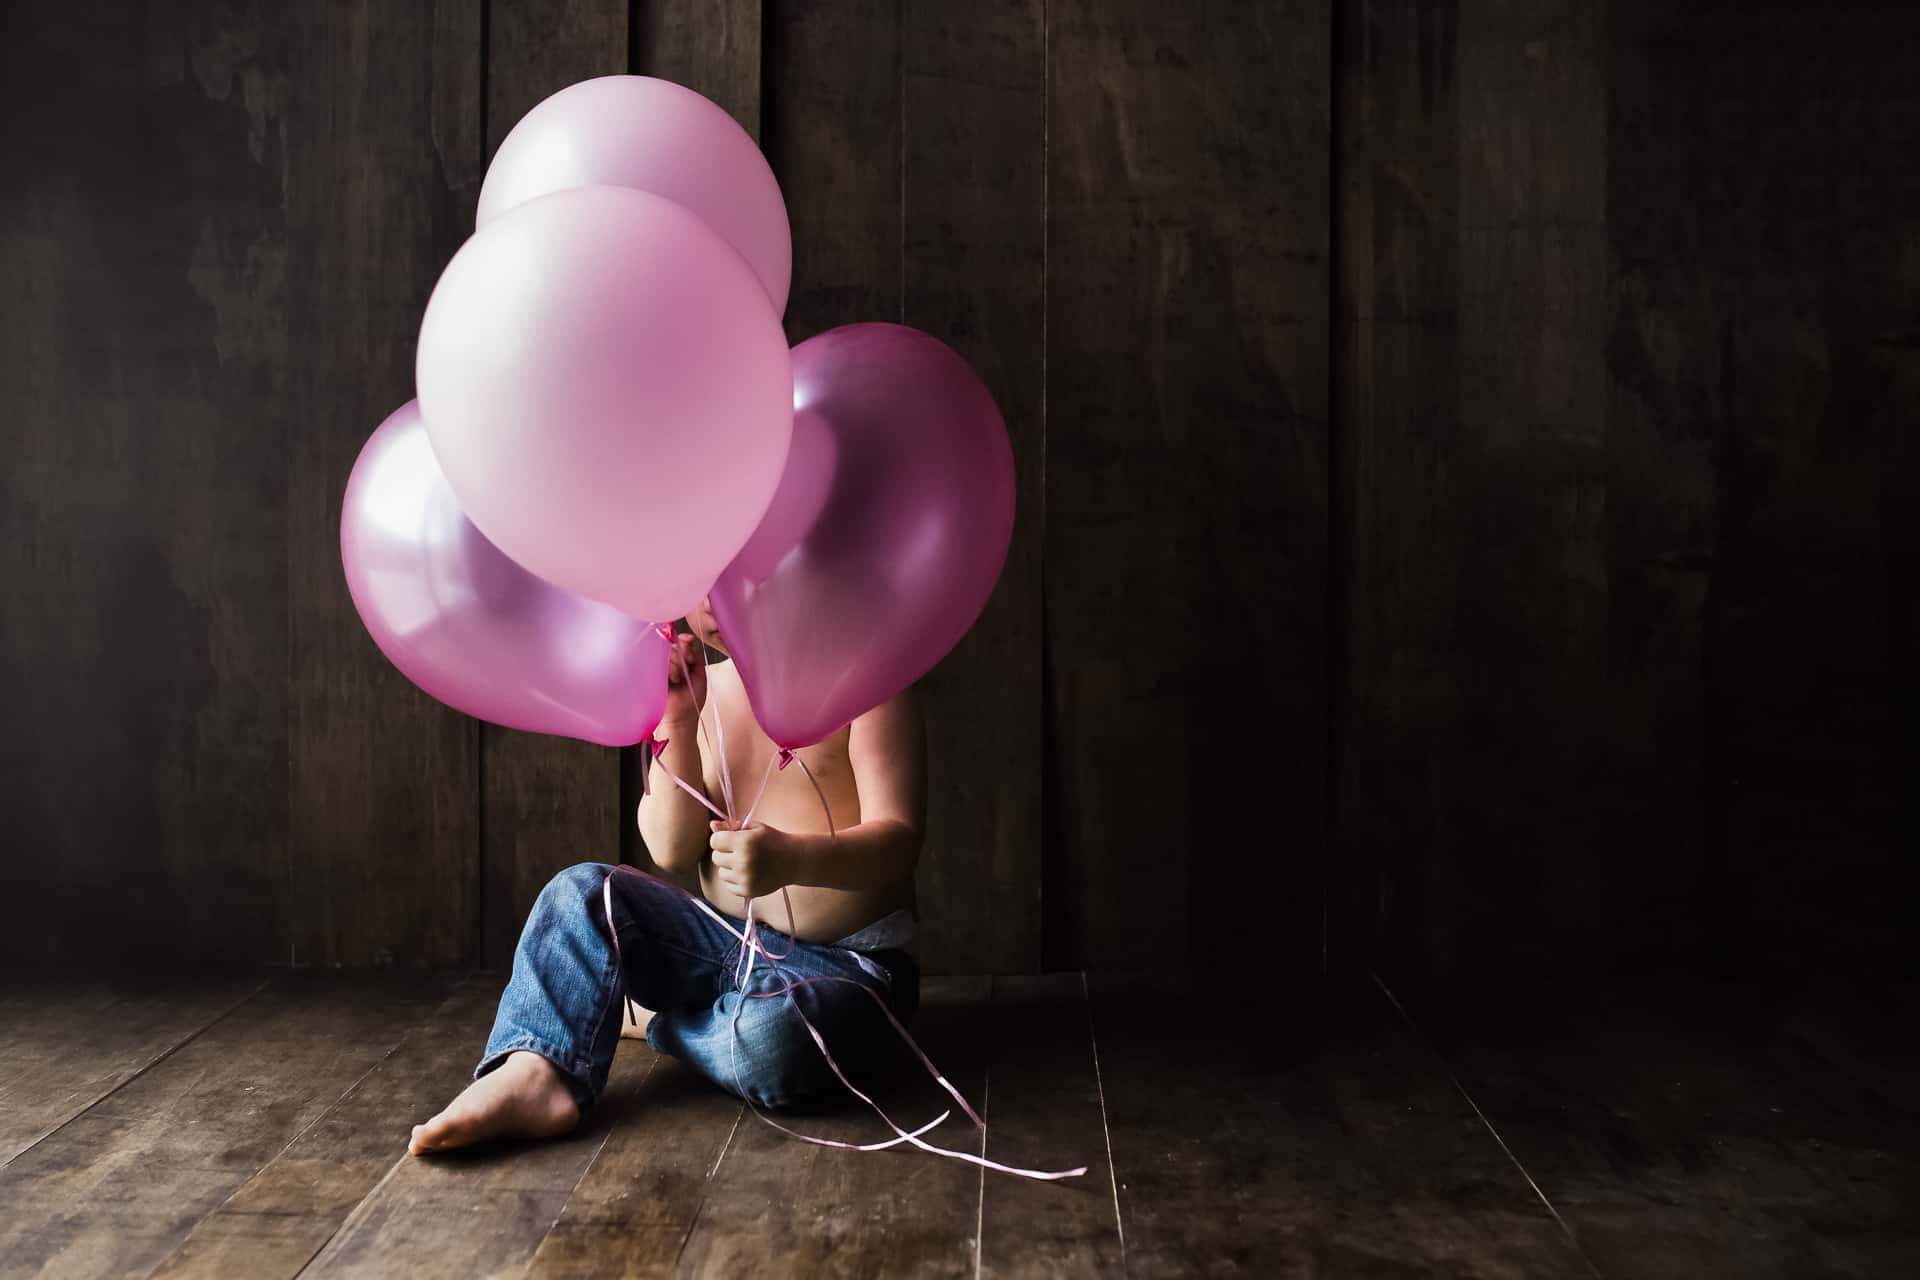 toddler boy holding pink balloons